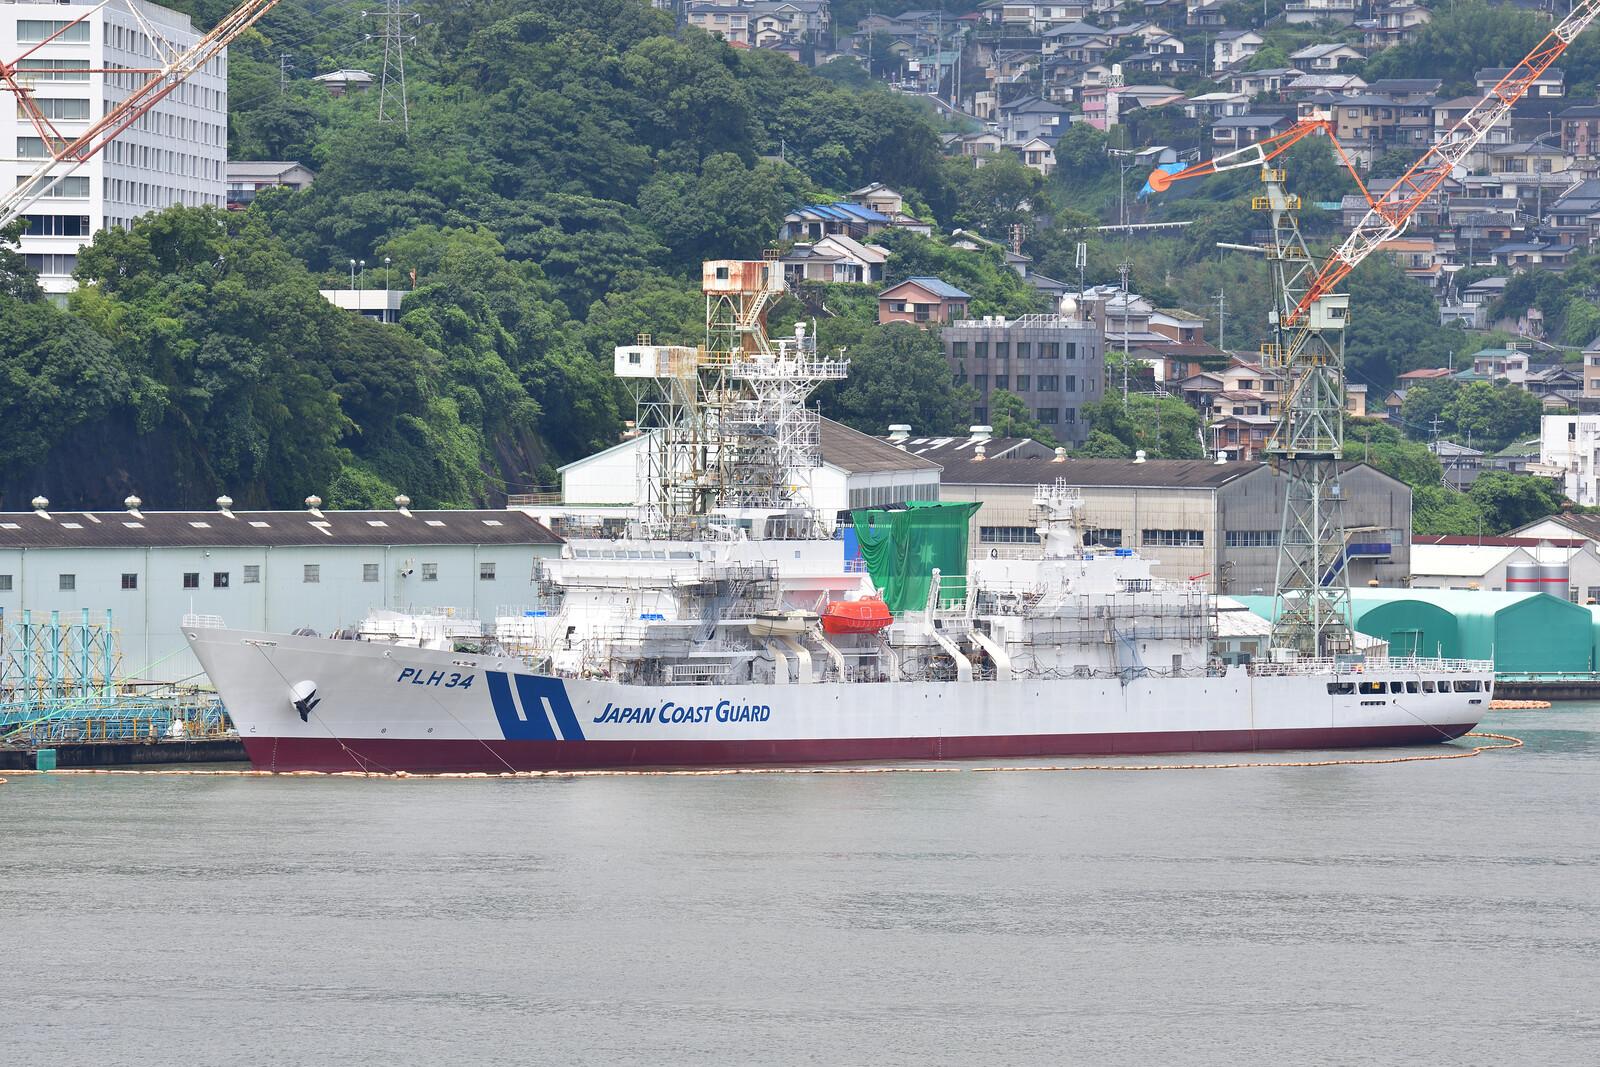 長崎で建造中の巡視船「あかつき」 : はーくの鉄道日記